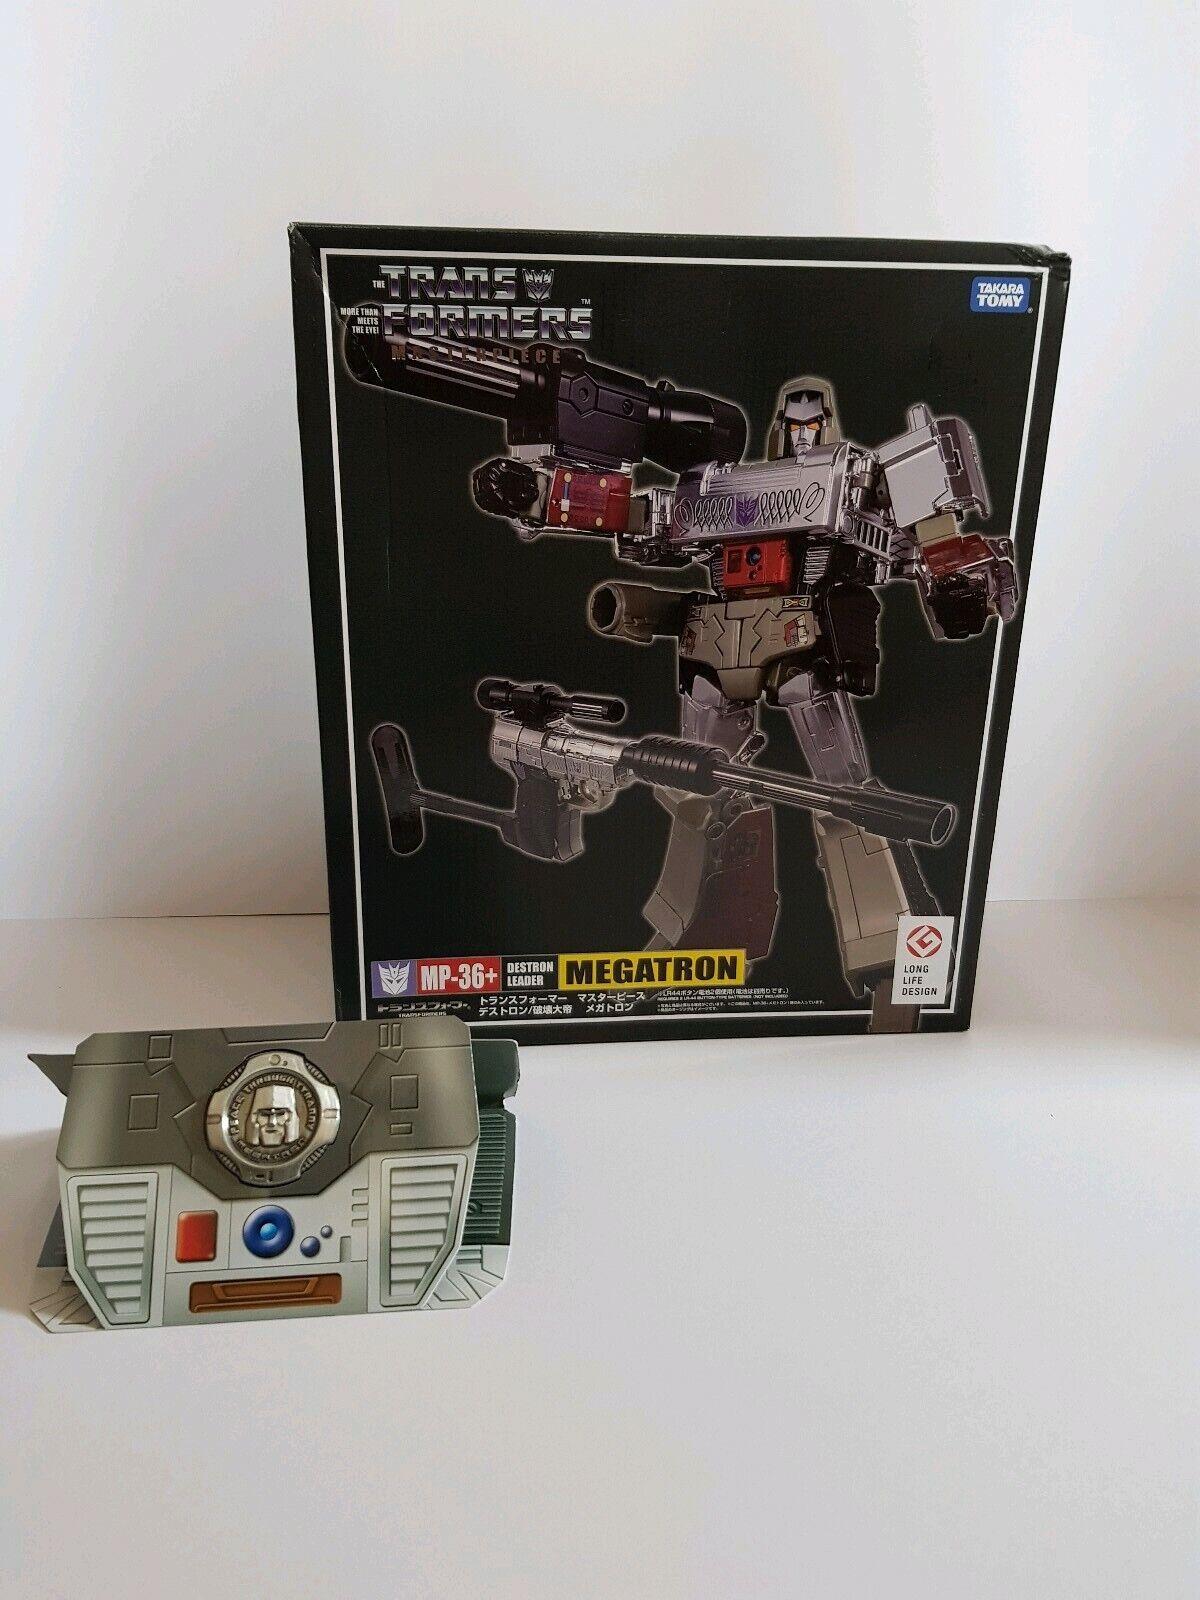 Nuevos Transformers Masterpiece Megatron juguete oficial MP36+ G1 versión basado